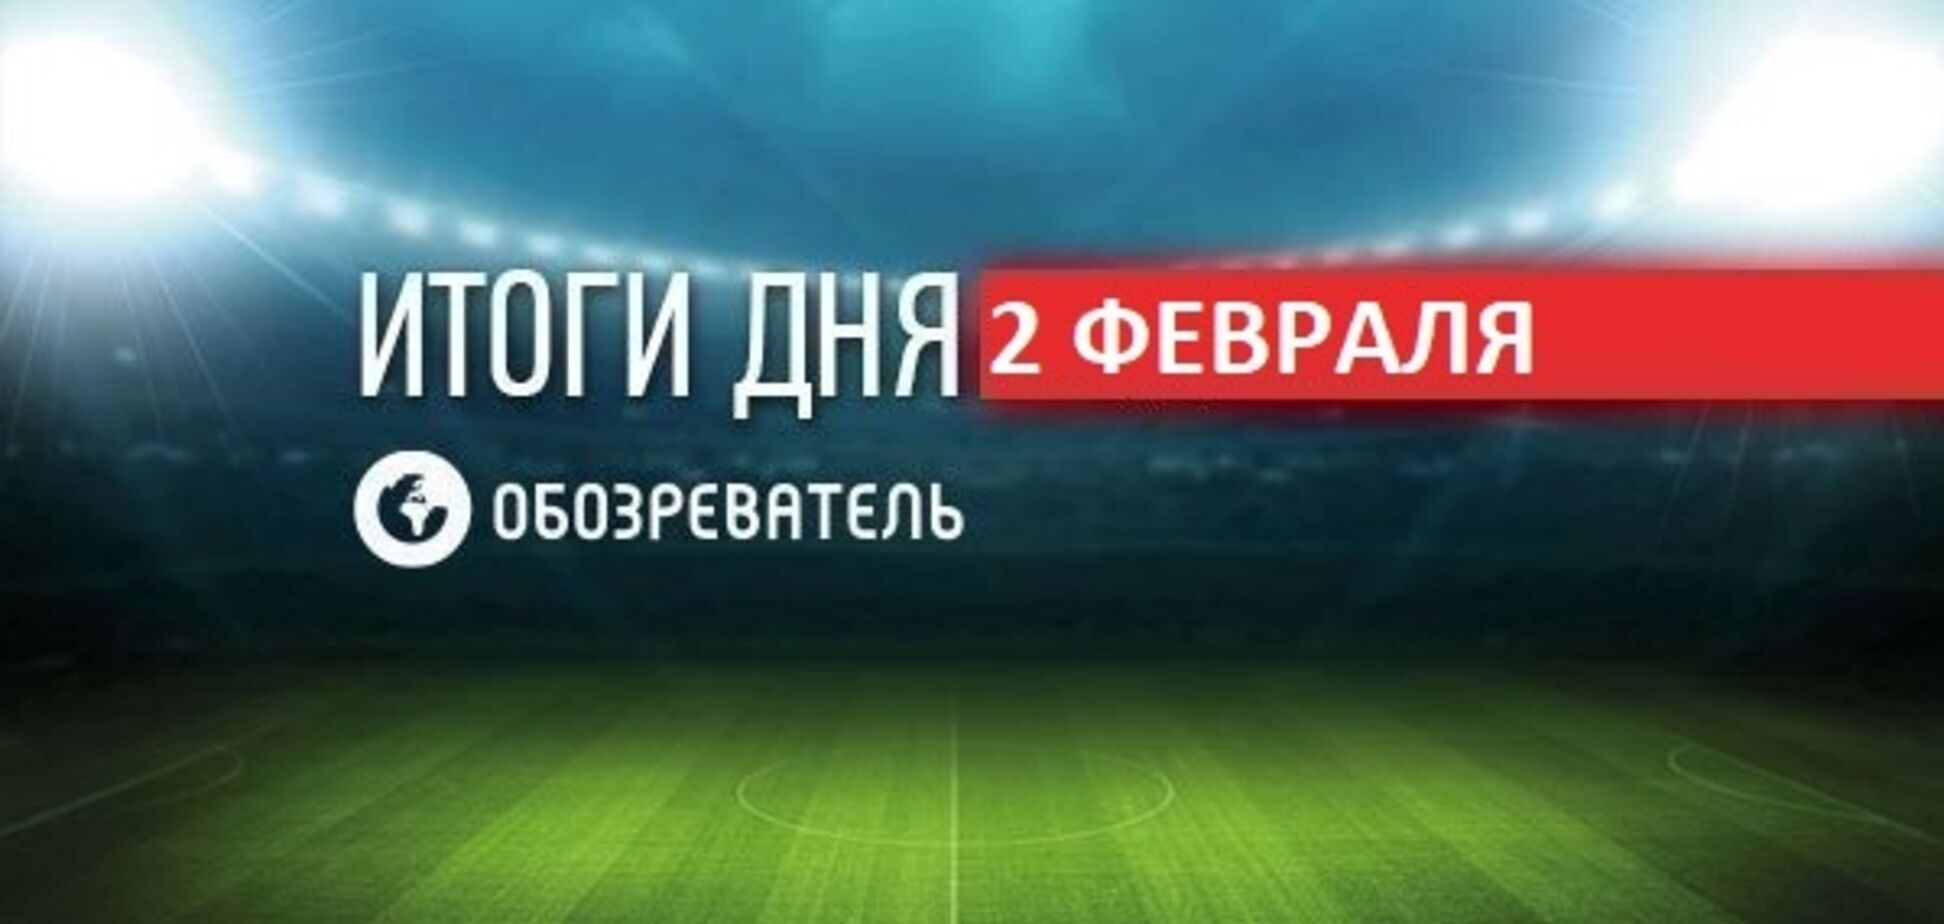 Украинец сенсационно выиграл чемпионский бой в России: спортивные итоги 2 февраля